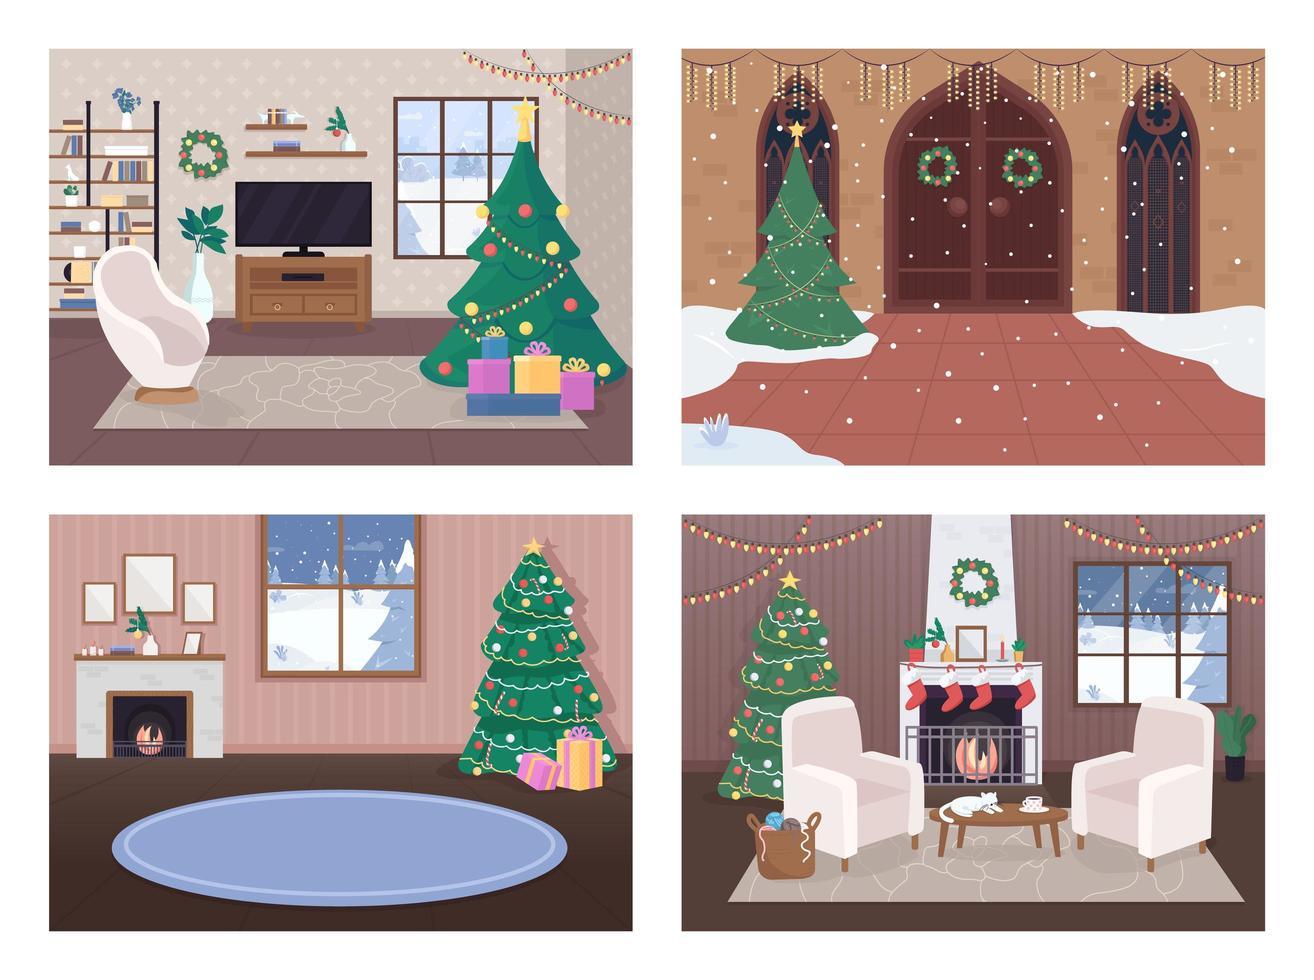 kersthuis in set vector